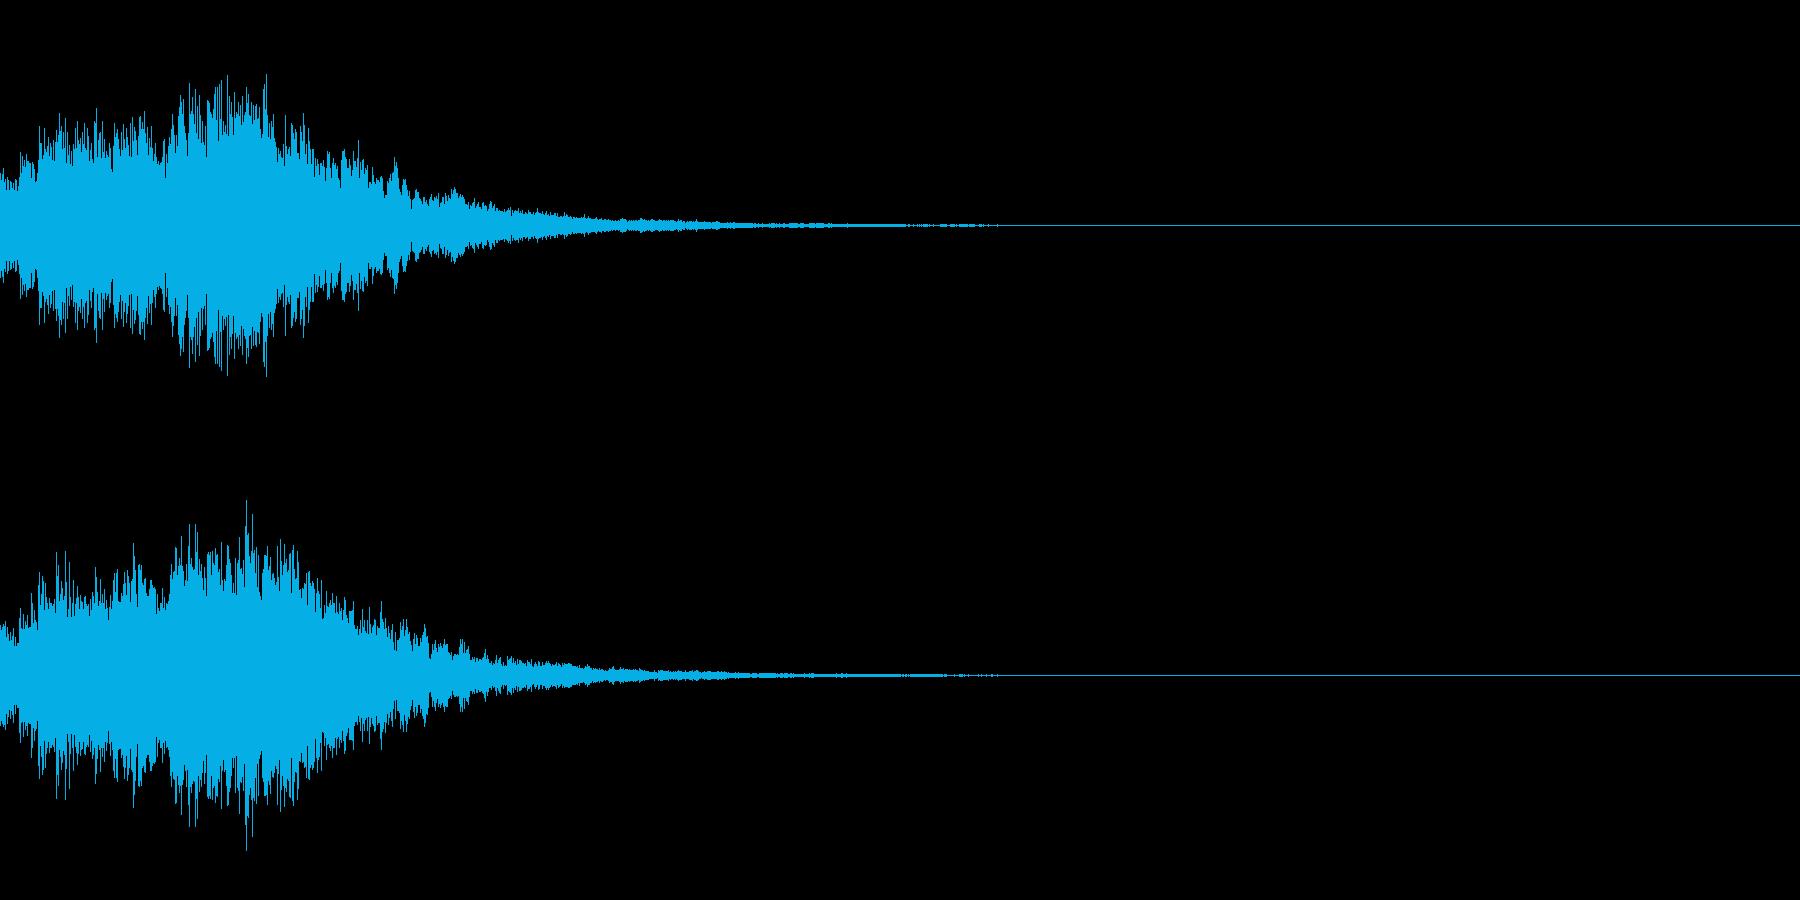 システム起動音_その10の再生済みの波形